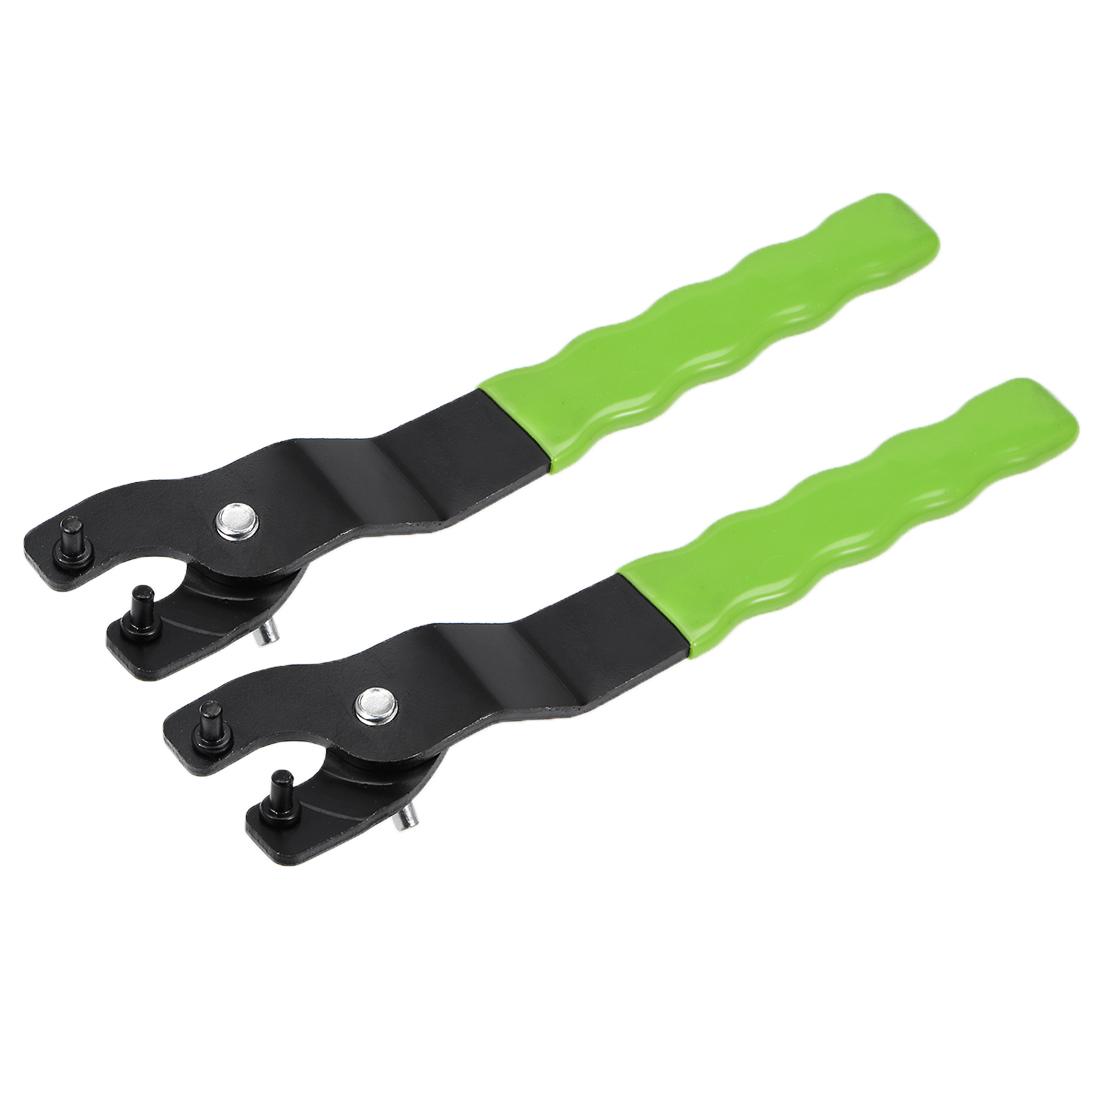 Angle Grinder Wrench, Adjustable Grinder Lock-Nut Spanner for Grinders,2pcs